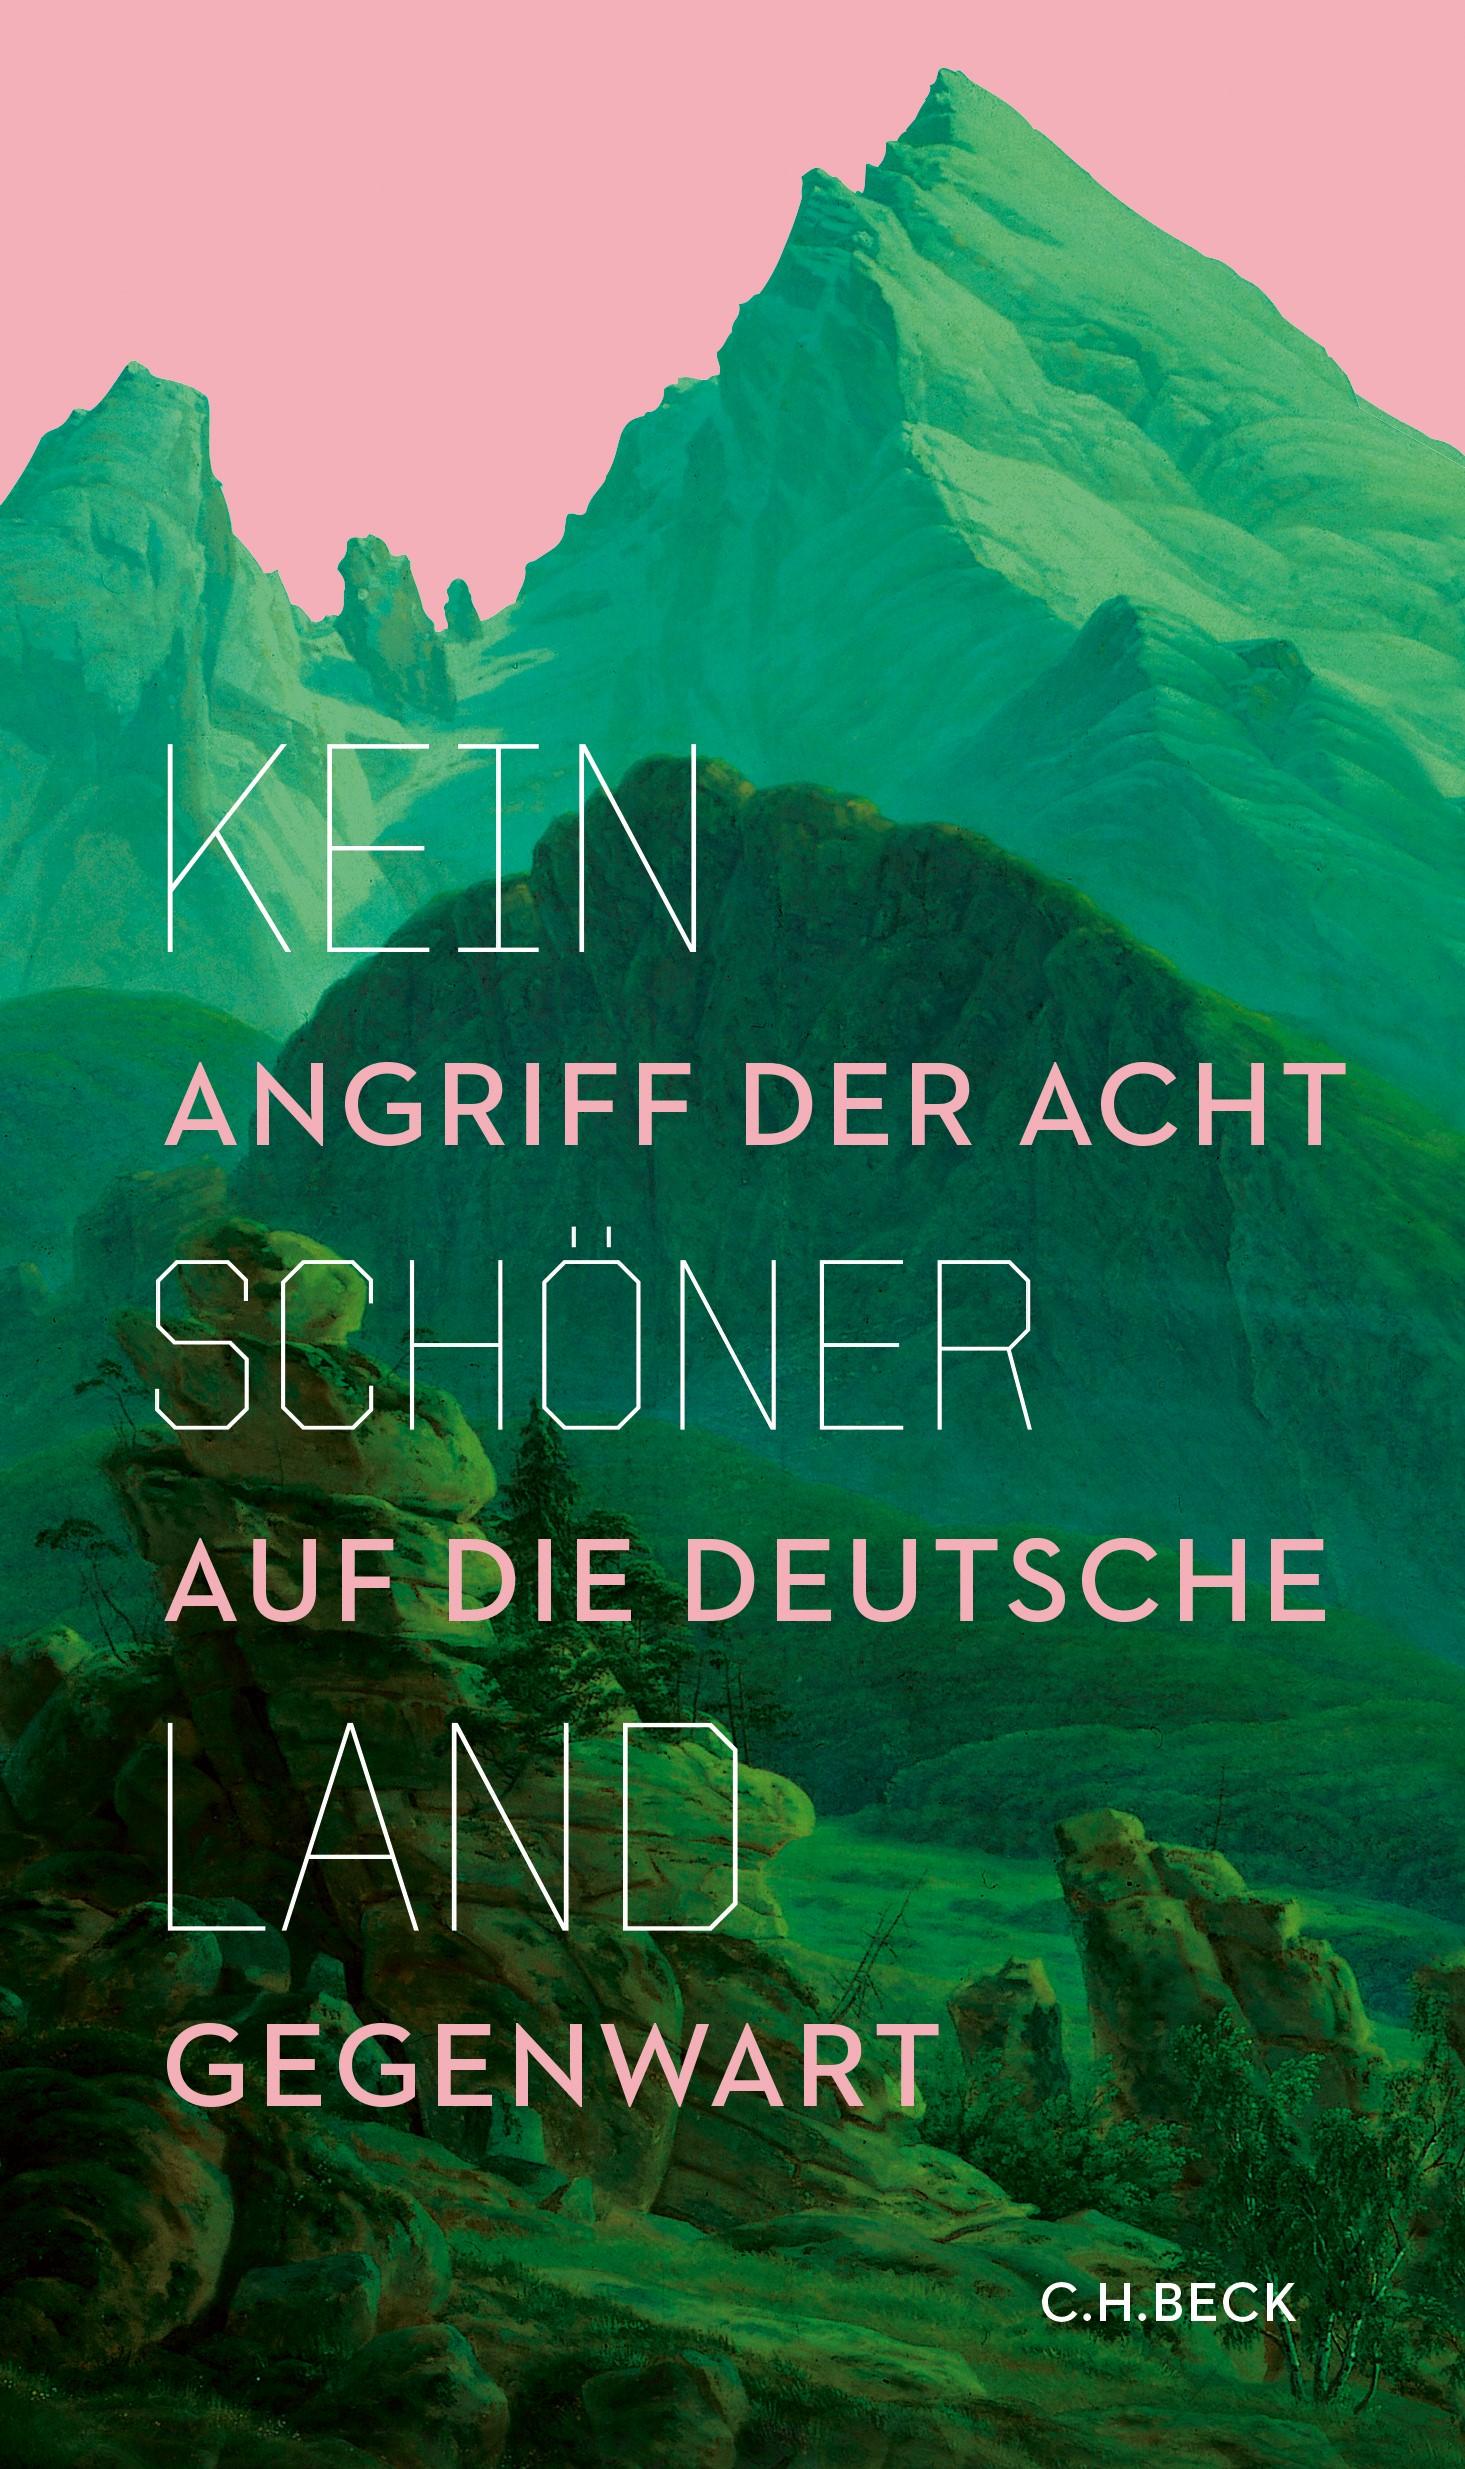 4 Bücher, die uns viel beibringen – über Liebe, unser Klima, die deutsche Gegenwart und Rechtsradikalismus | Jane Wayne News